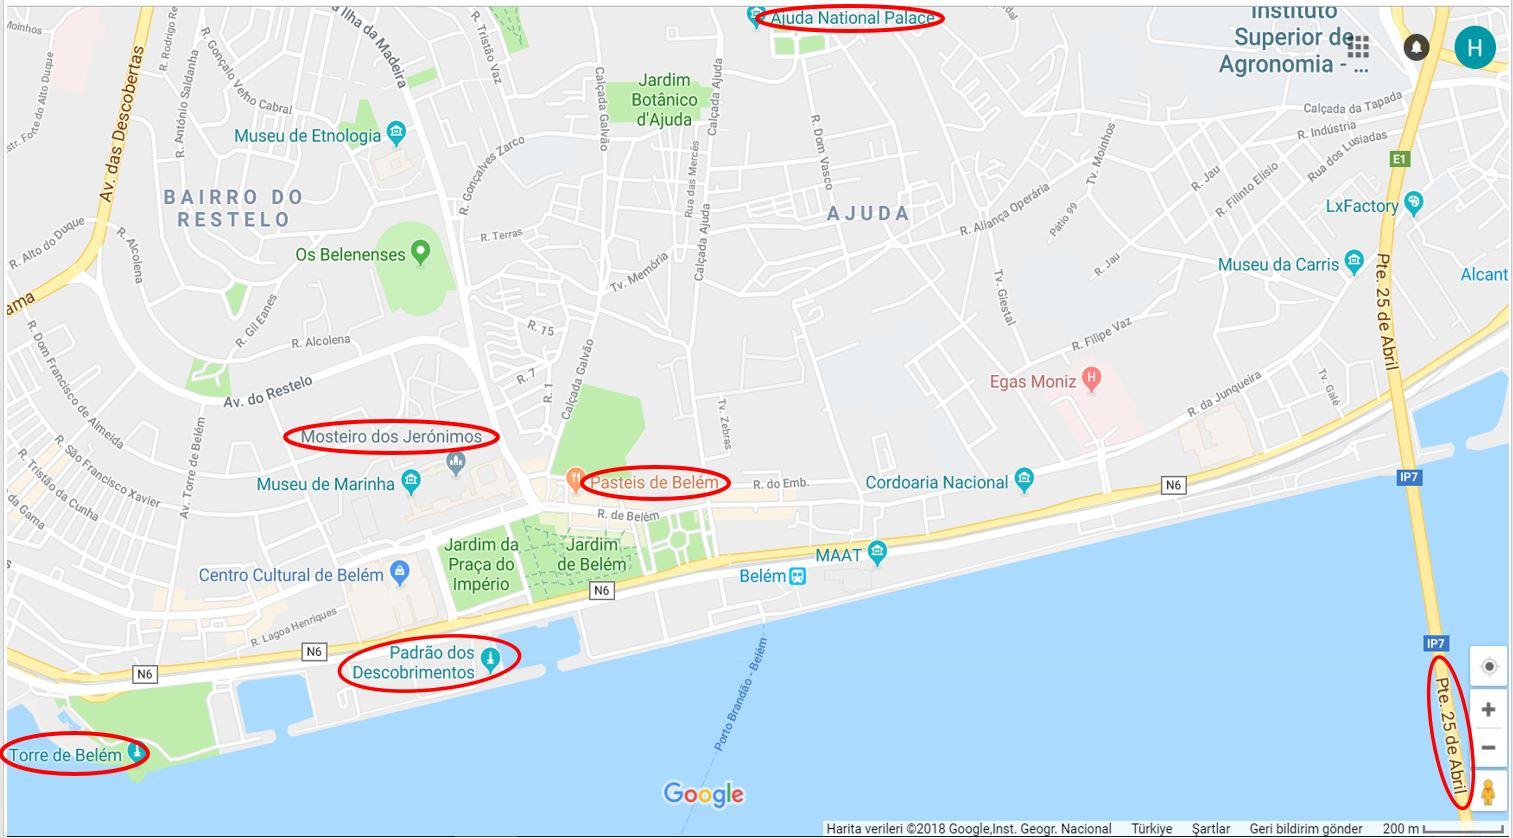 Lizbon Gezilecek Yerler Haritası, Belen Bölgesi